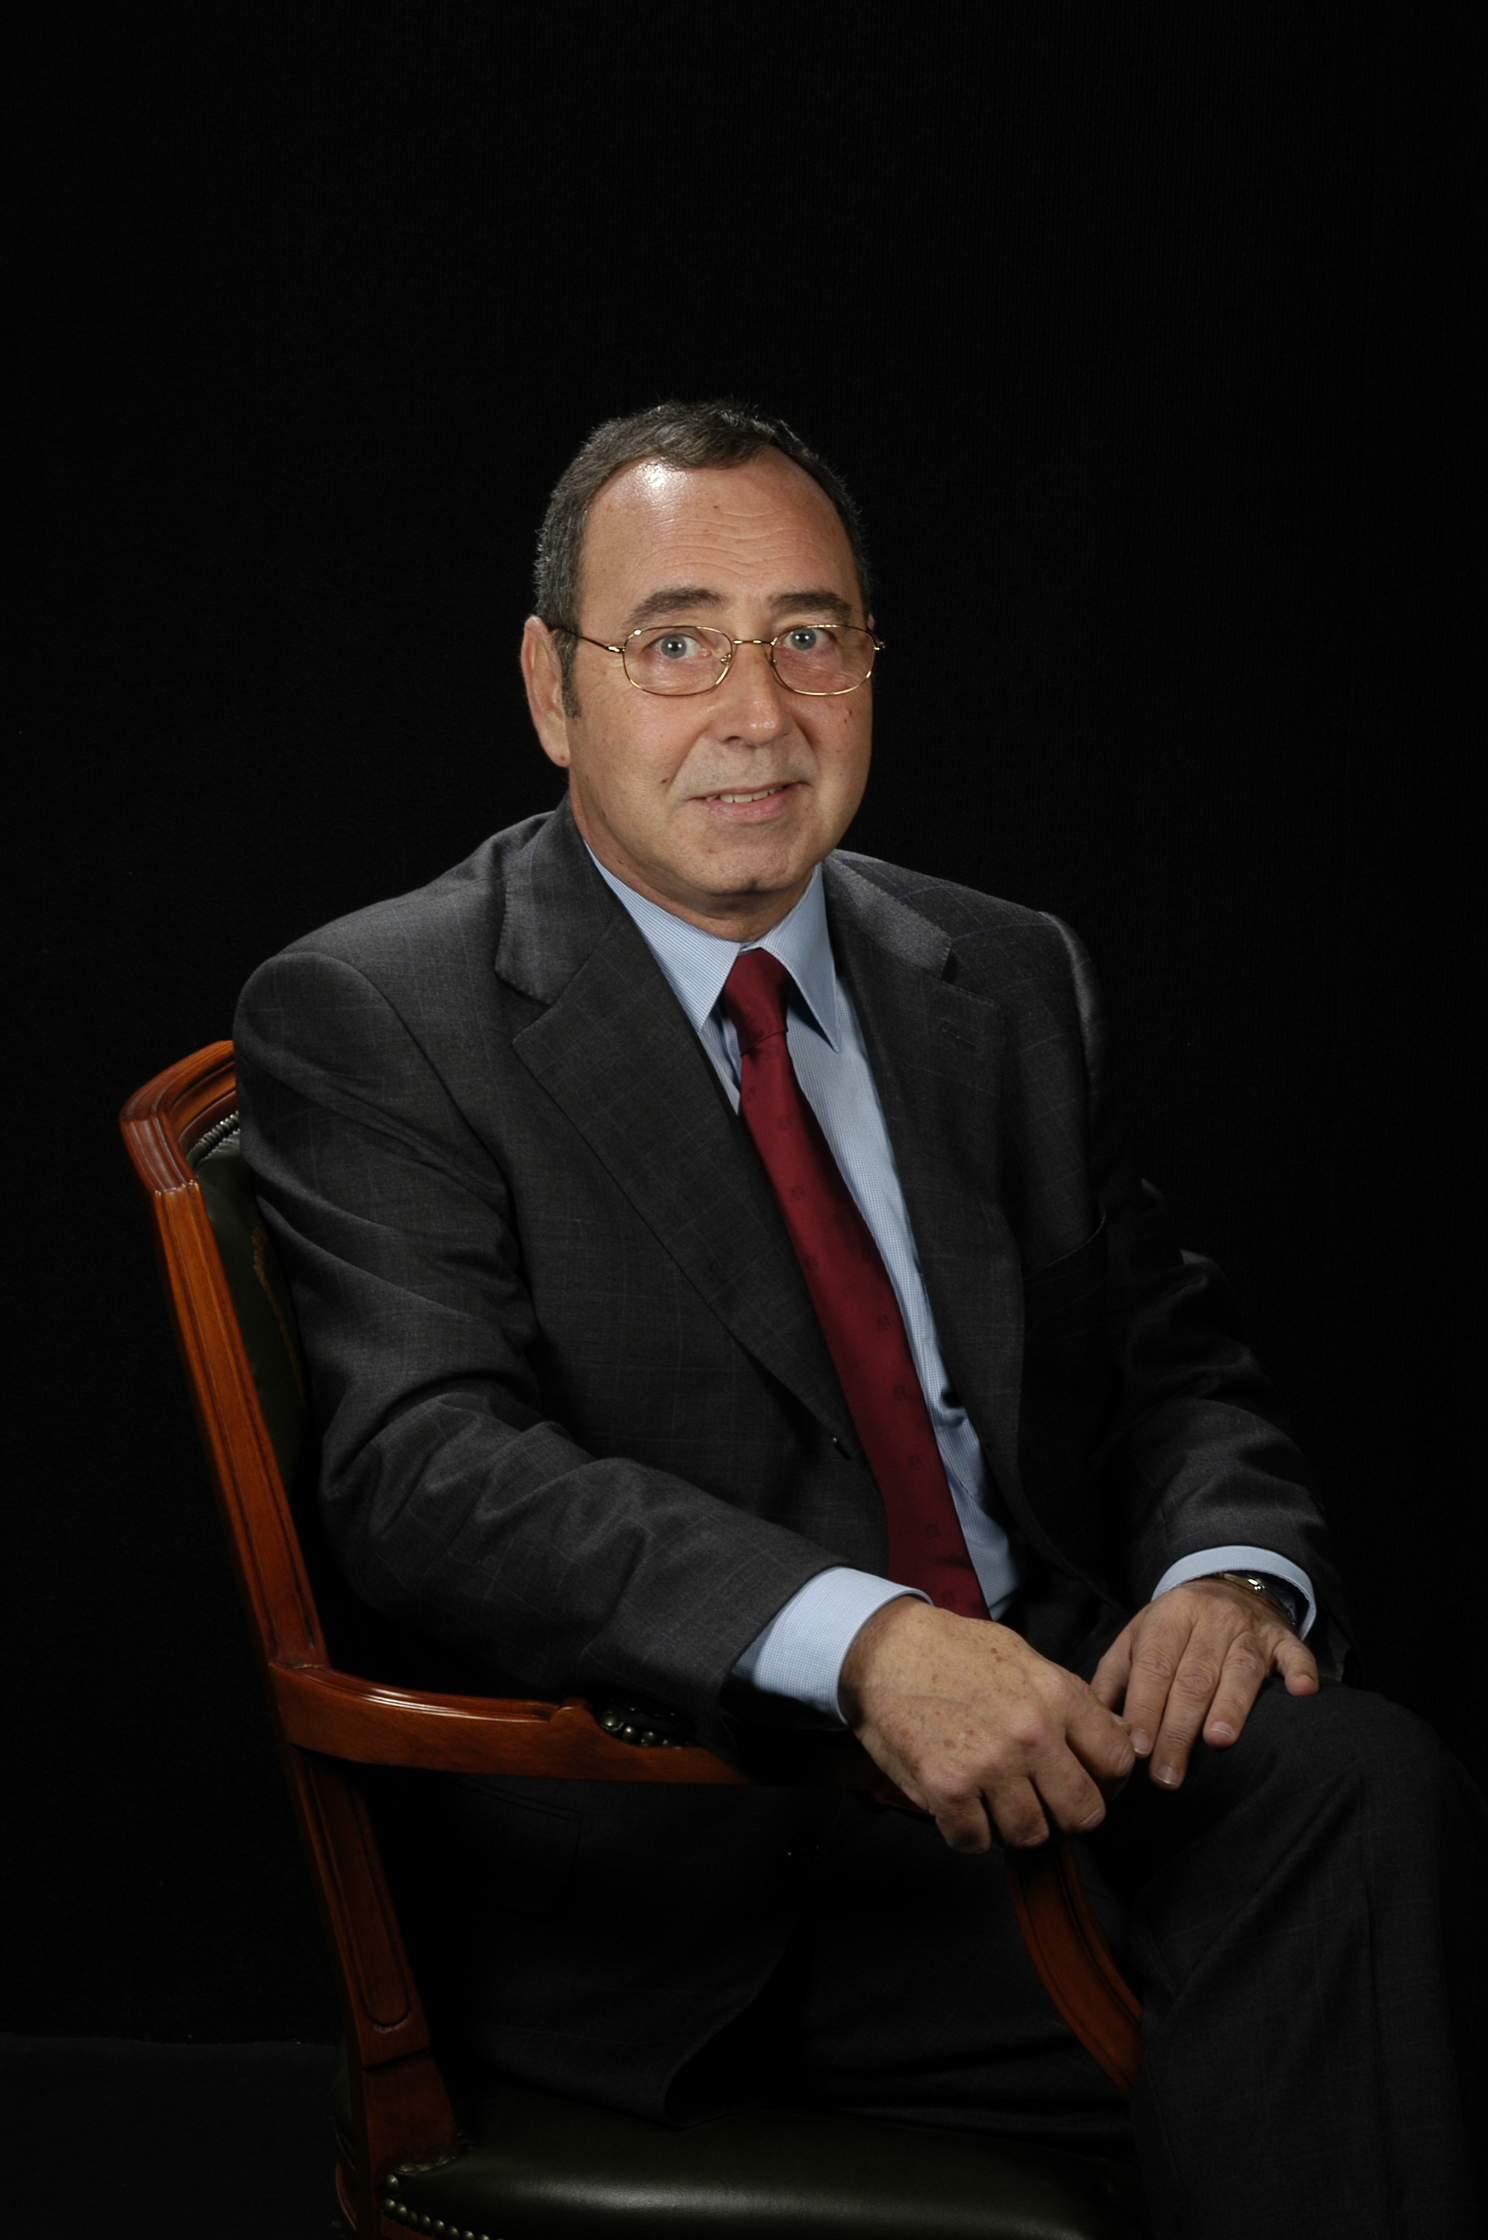 Dr. Antoni Fernández Lozano